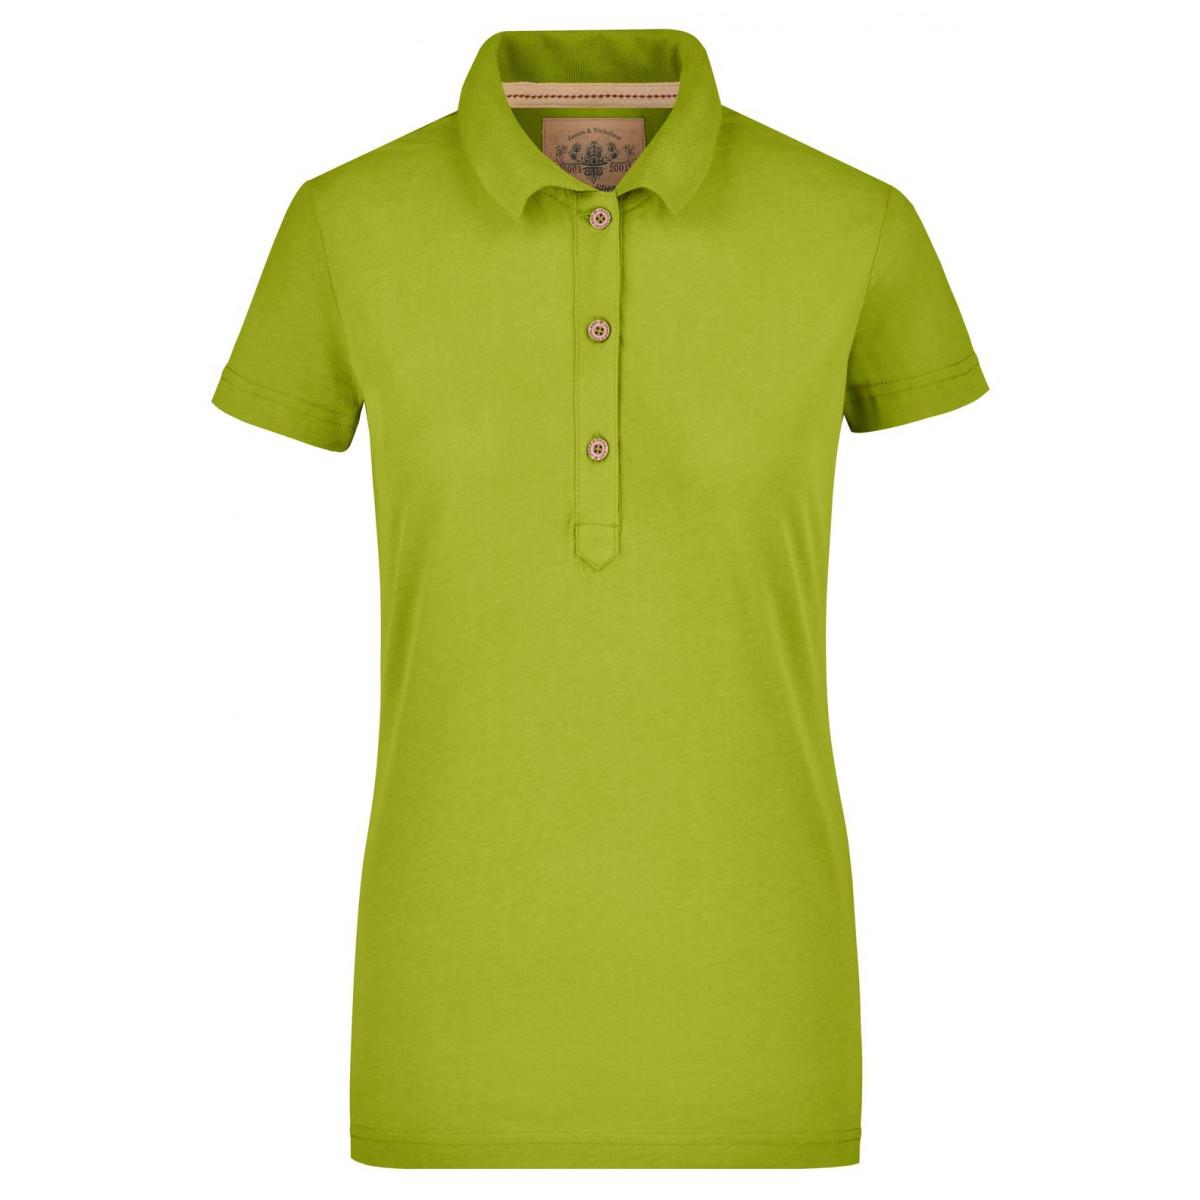 Рубашка поло женская JN940 Ladies Vintage Polo - Лайм